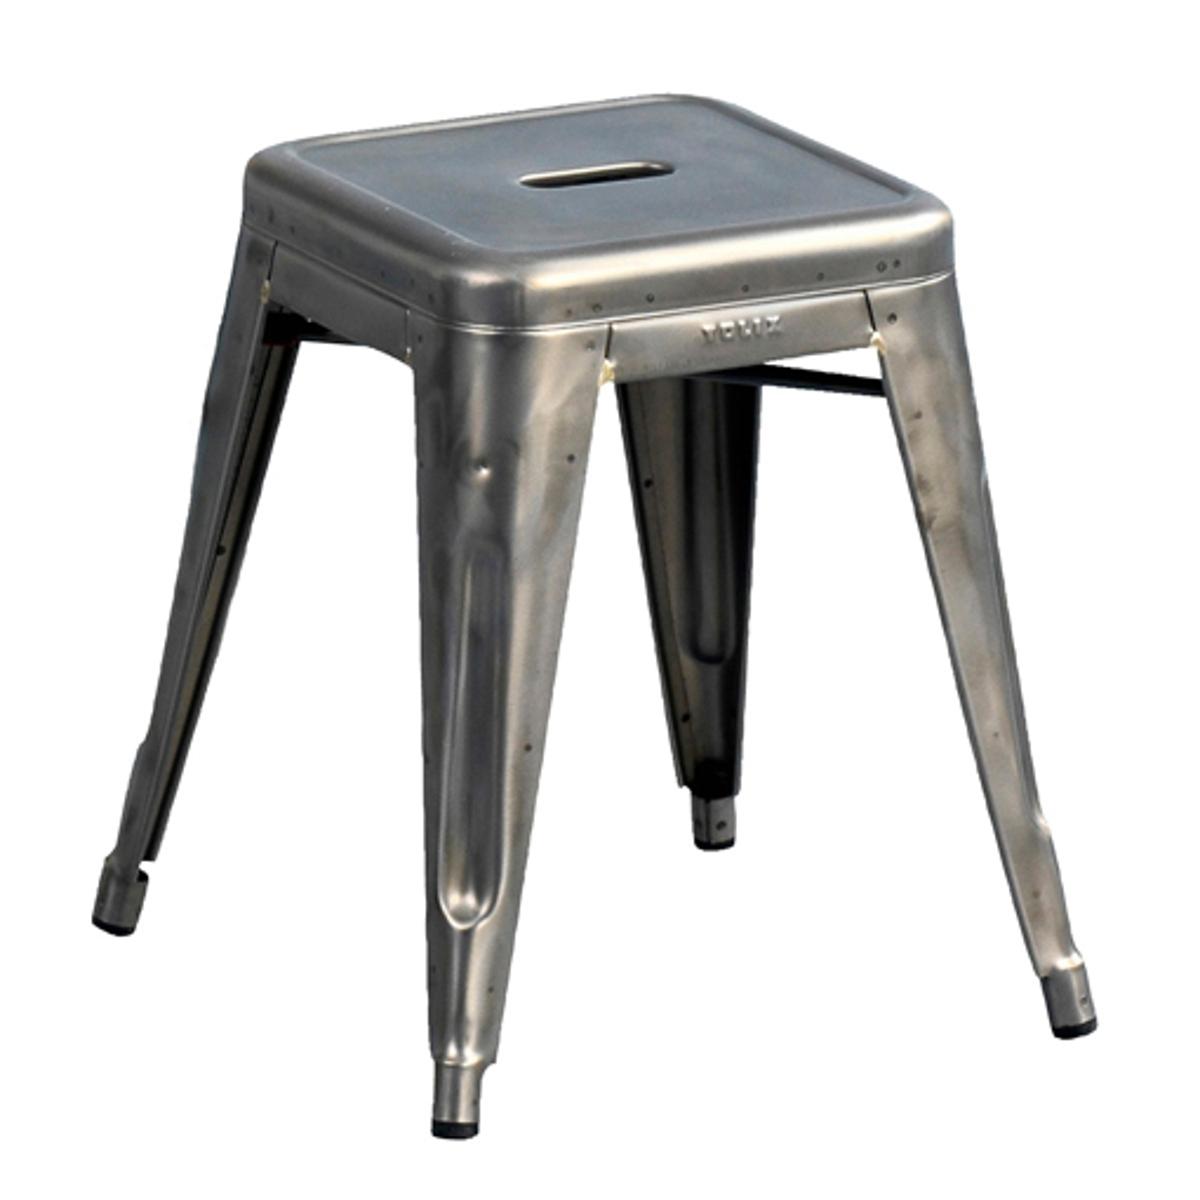 2 табурета TolixХарактеристики:- Выполнены из стали с покрытием бесцветным лаком или эпоксидным лаком.                                                                                                           Размеры: - Д. 43 x В. 45 x Г. 43 см в самом широком месте. - Сиденье: Д. 30,5 x В. 45 x Г. 30,5 см. Размеры и вес упаковки:- Д. 41 x В. 60 x Г. 41 см, 9 кгГарантия 1 год (при условии использования только в помещении).<br><br>Цвет: белый,лакированная блестящая сталь